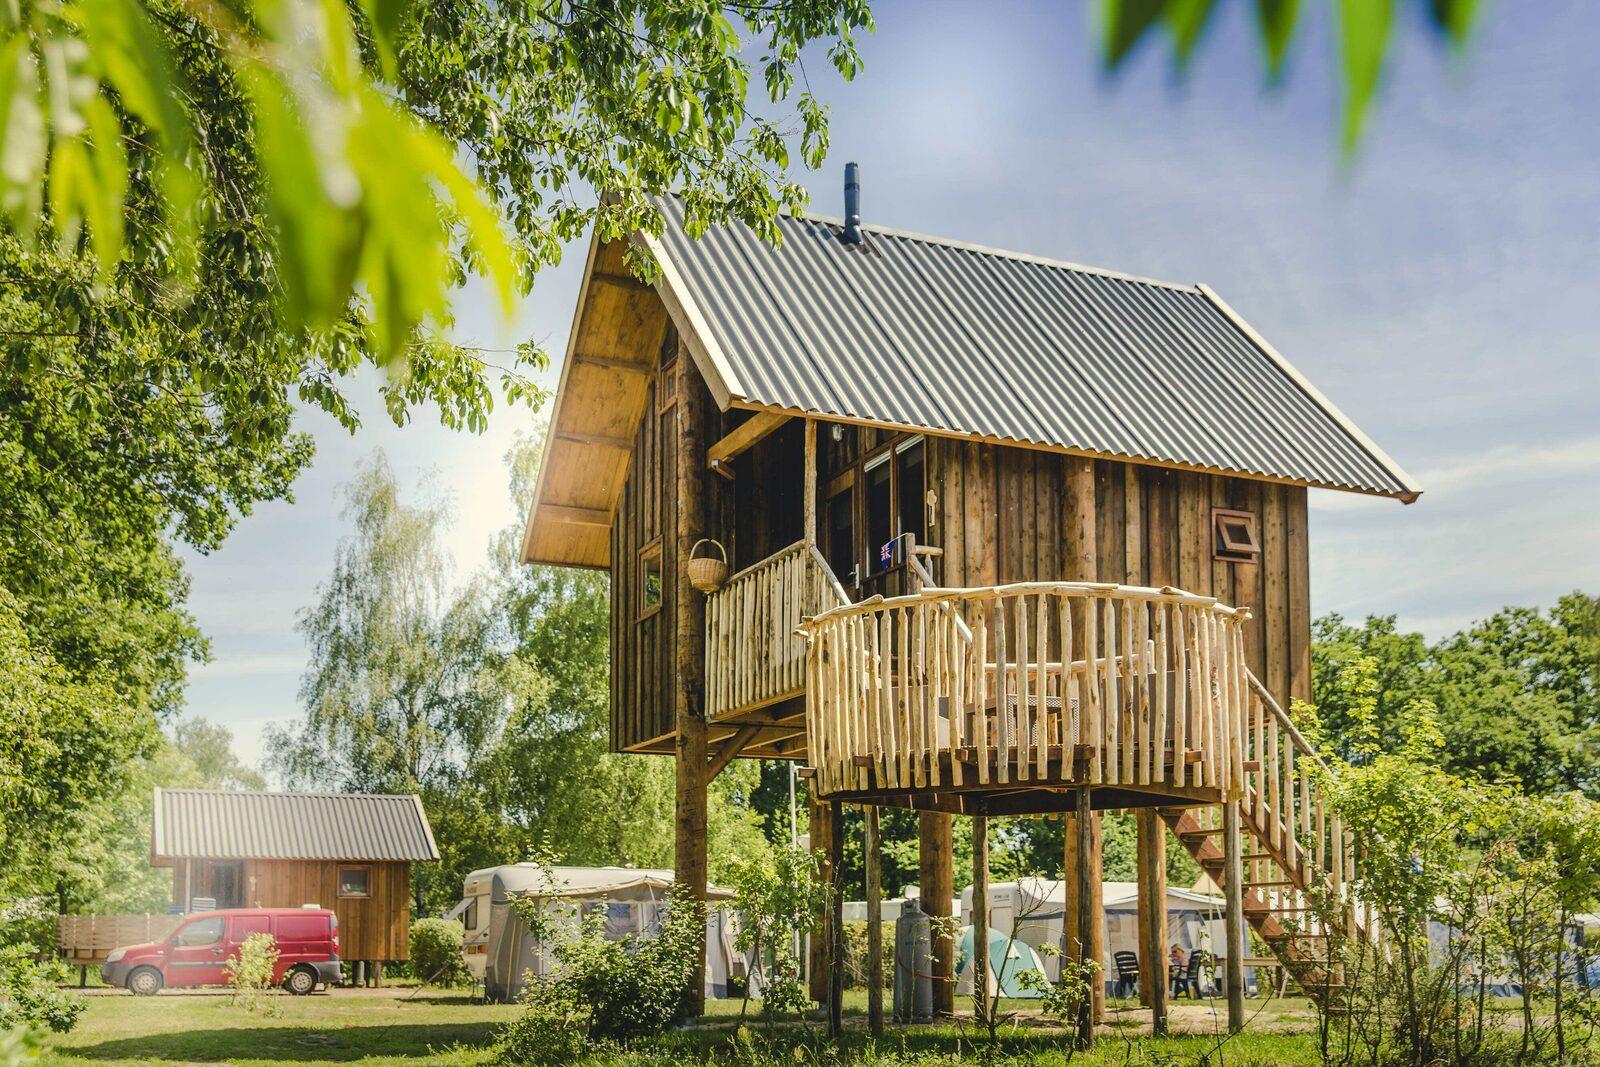 Kindvriendelijke camping Nederland met overdekt zwembad